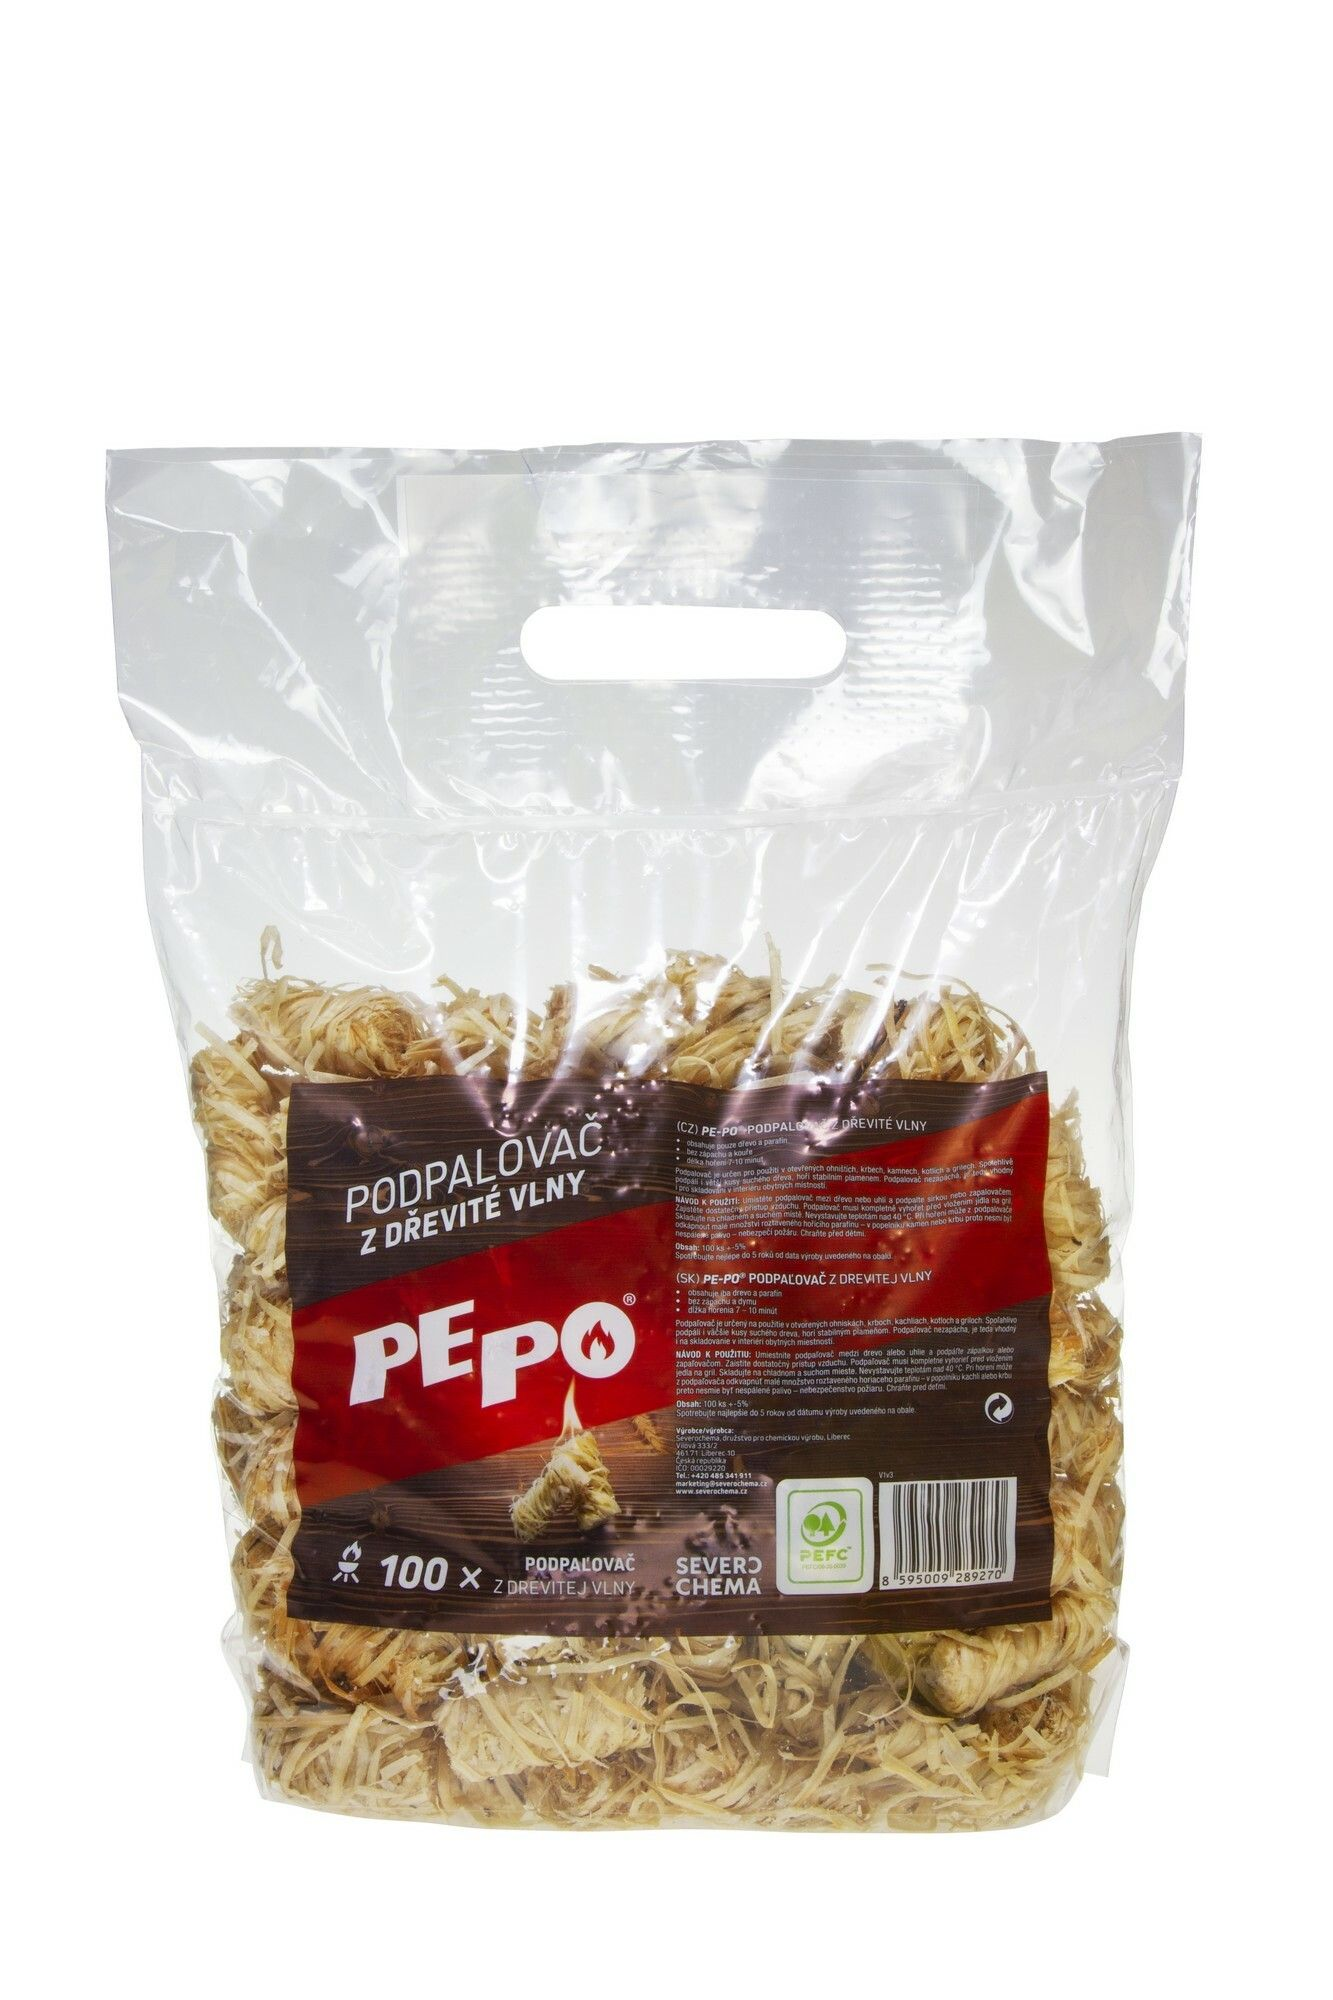 PE-PO podpalovač z dřevité vlny 100 ks PEPO